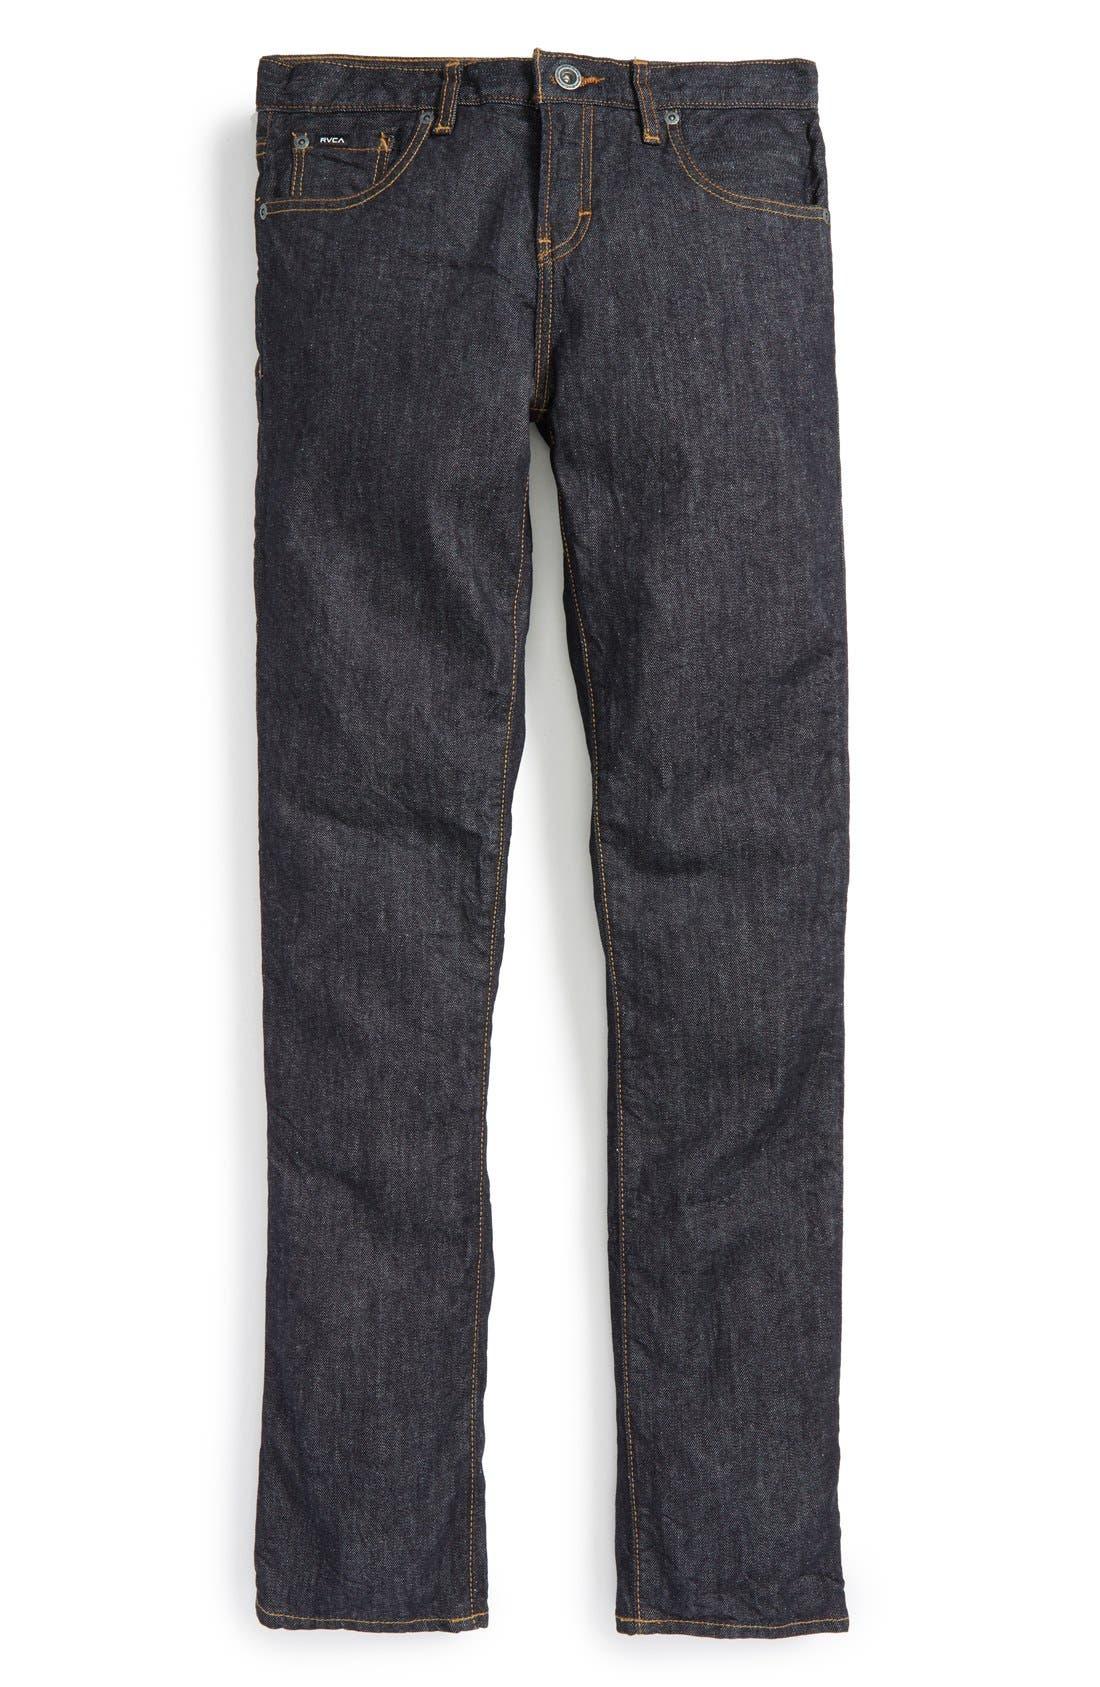 Main Image - RVCA 'Daggers' Slim Fit Jeans (Big Boys)